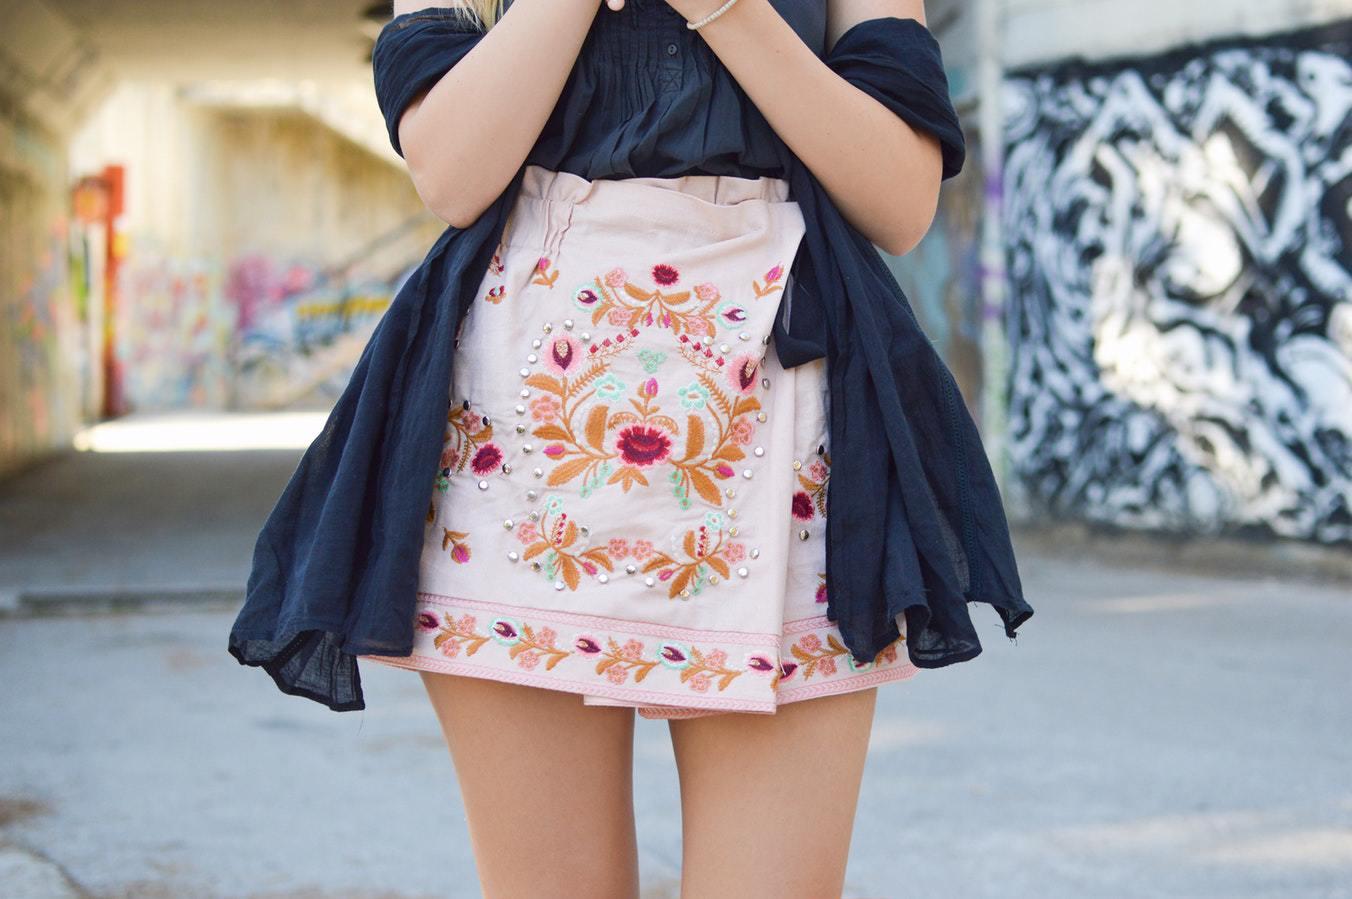 Váy ngắn Quảng Châu - Biểu tượng sự tự do của phái nữ